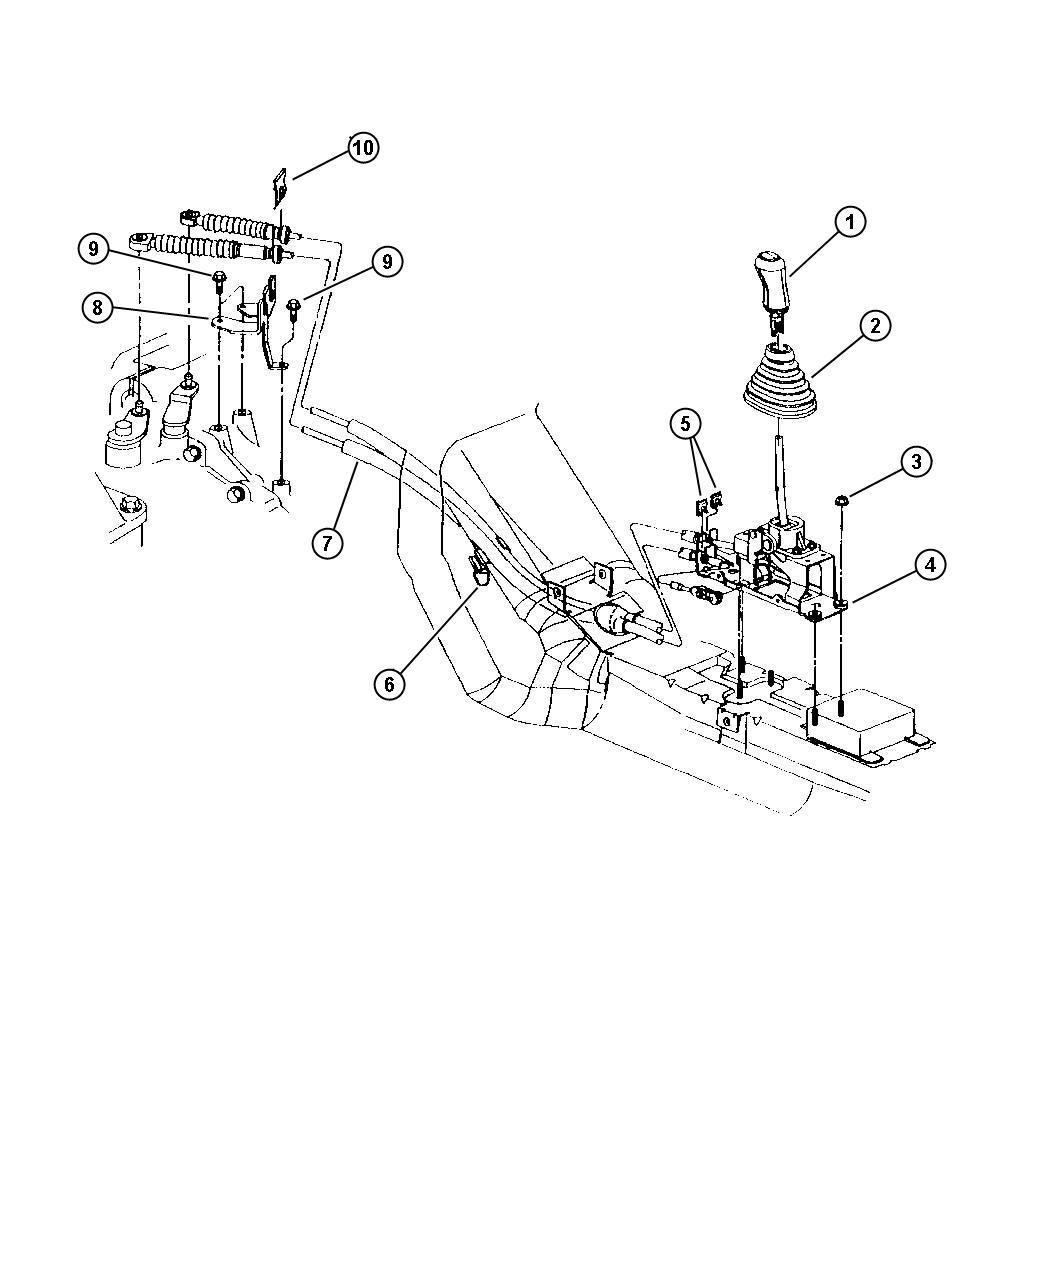 1999 Dodge Stratus Shifter. Transmission. Rear, cylinder